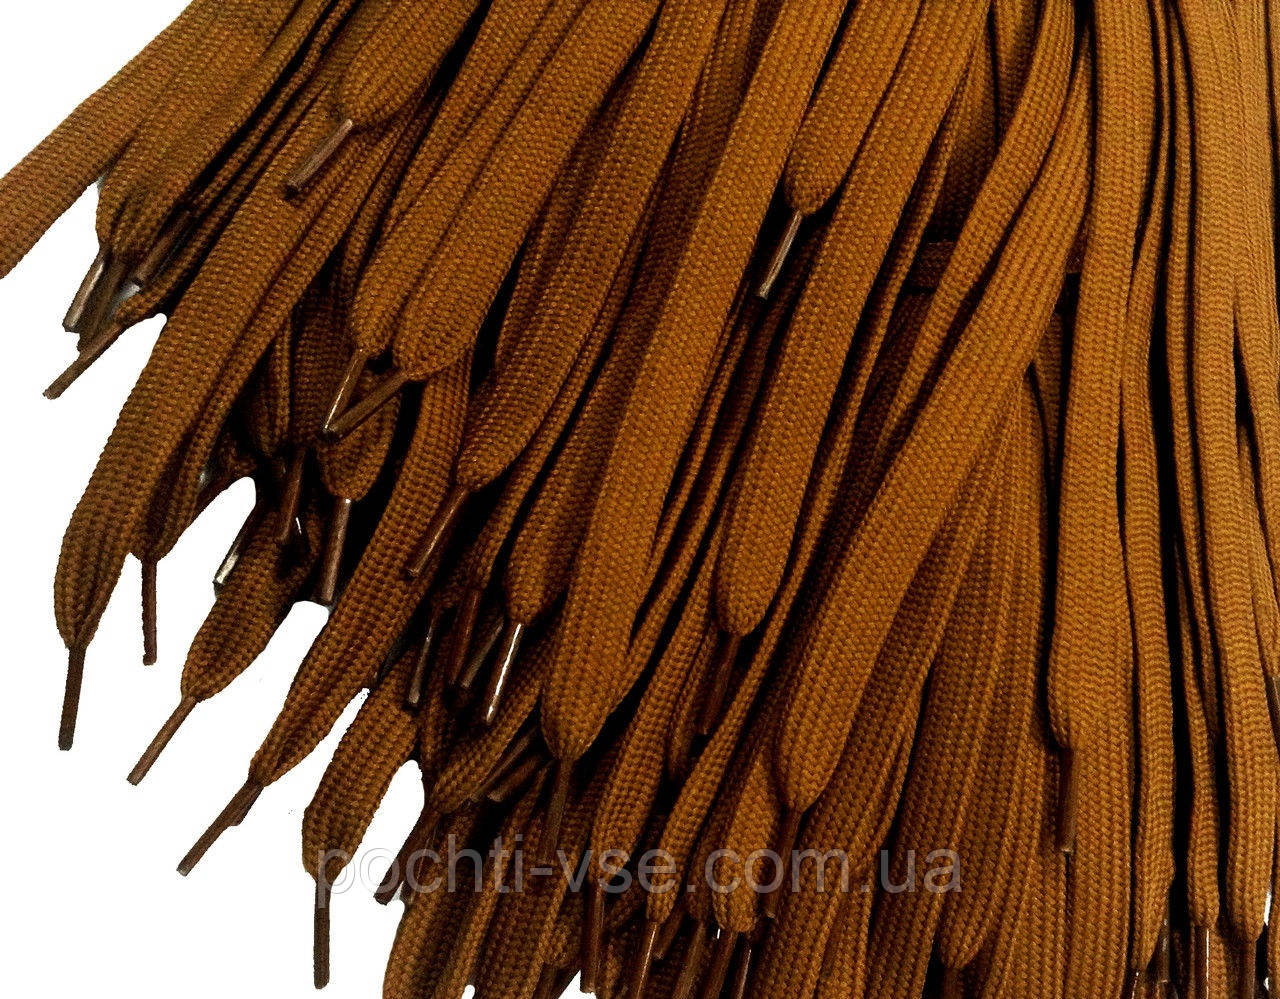 Шнурки для обуви (100см) плоские, коричневые - Оптовая компания Почти всё в Харькове